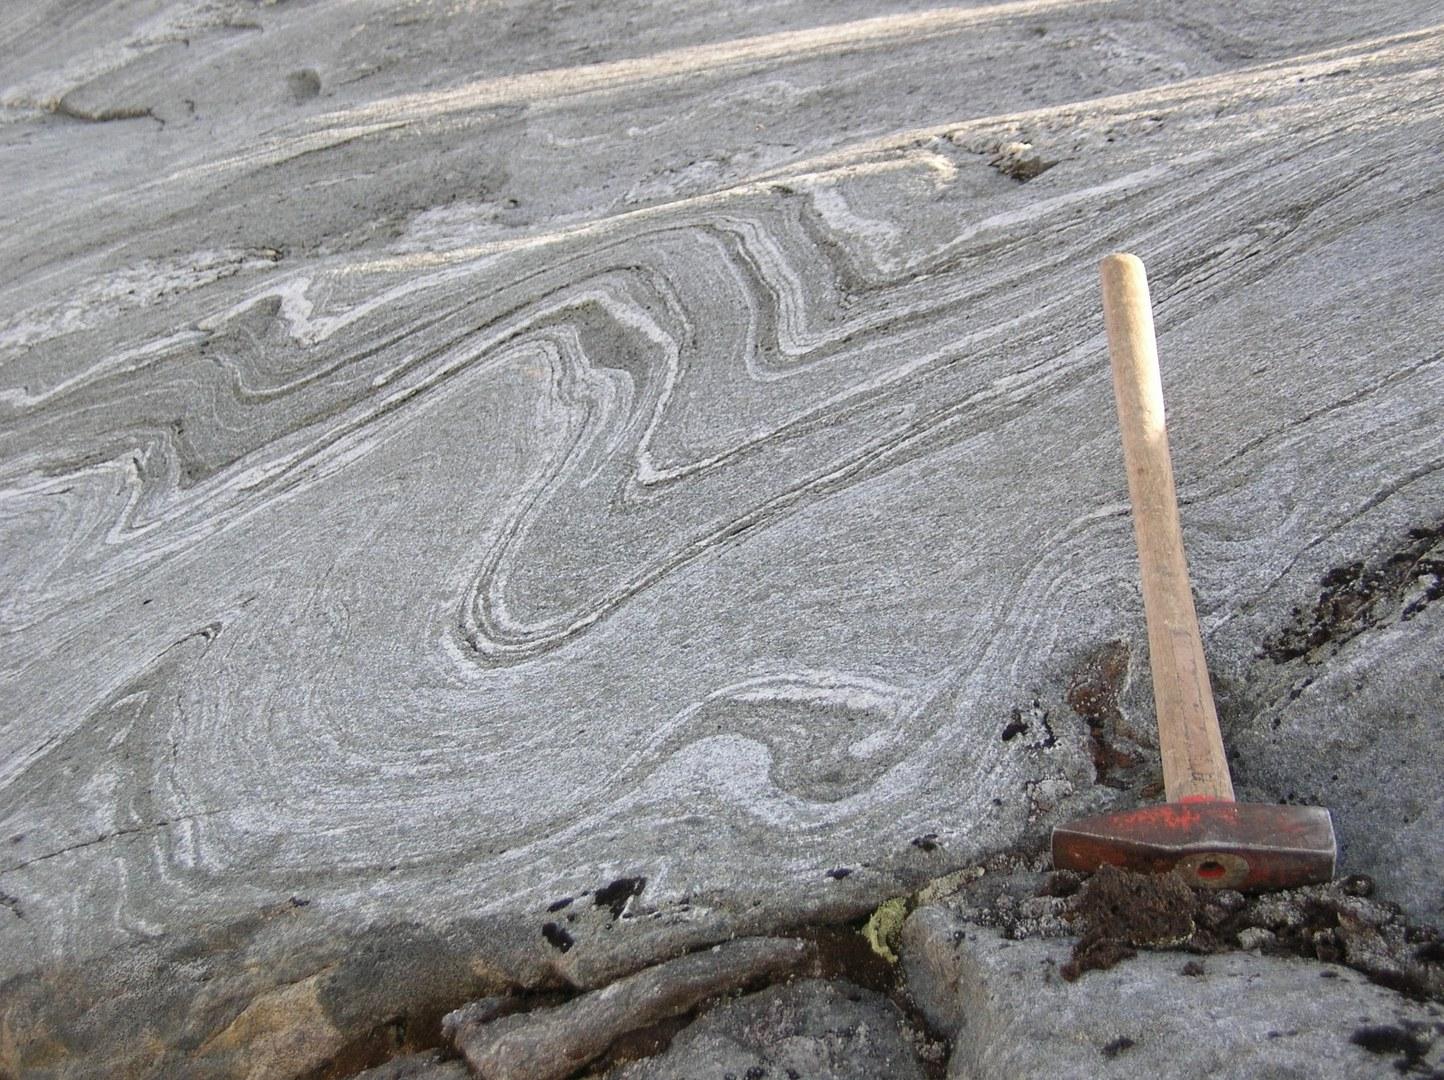 Bild Expedition zu den ältesten Gesteinen der Erde